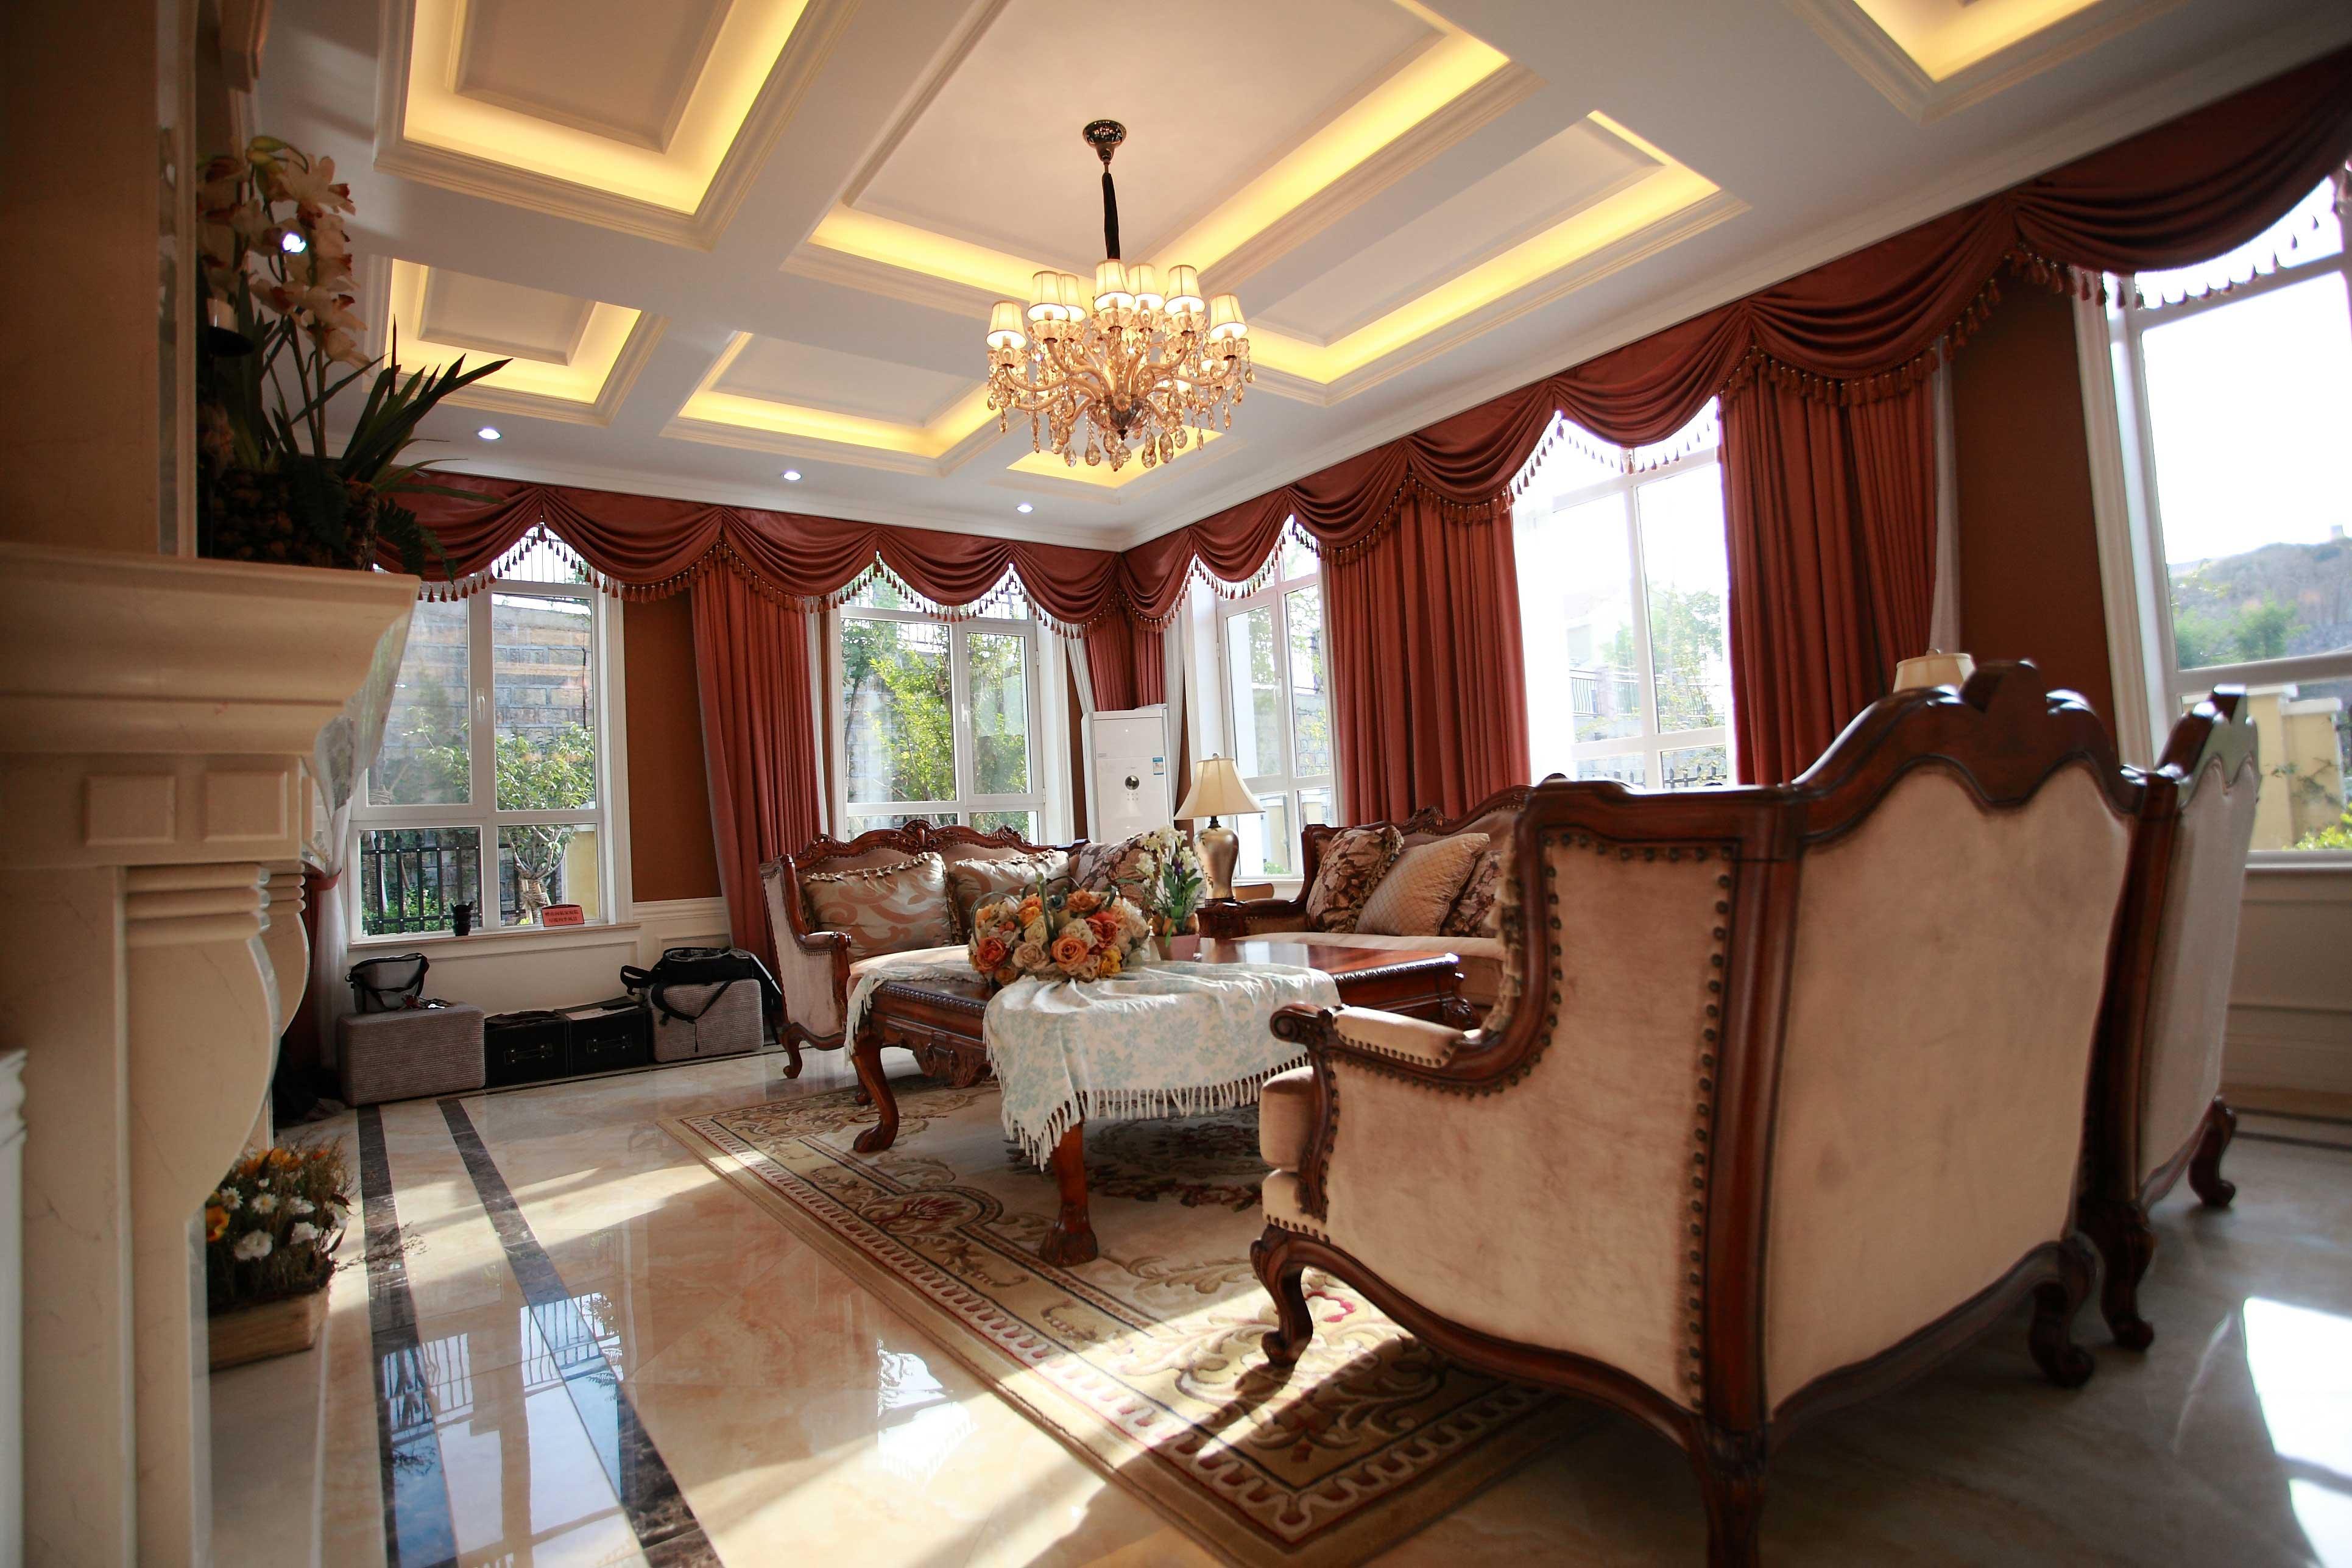 古典欧式风格别墅客厅吊顶效果图装修效果图_第3张